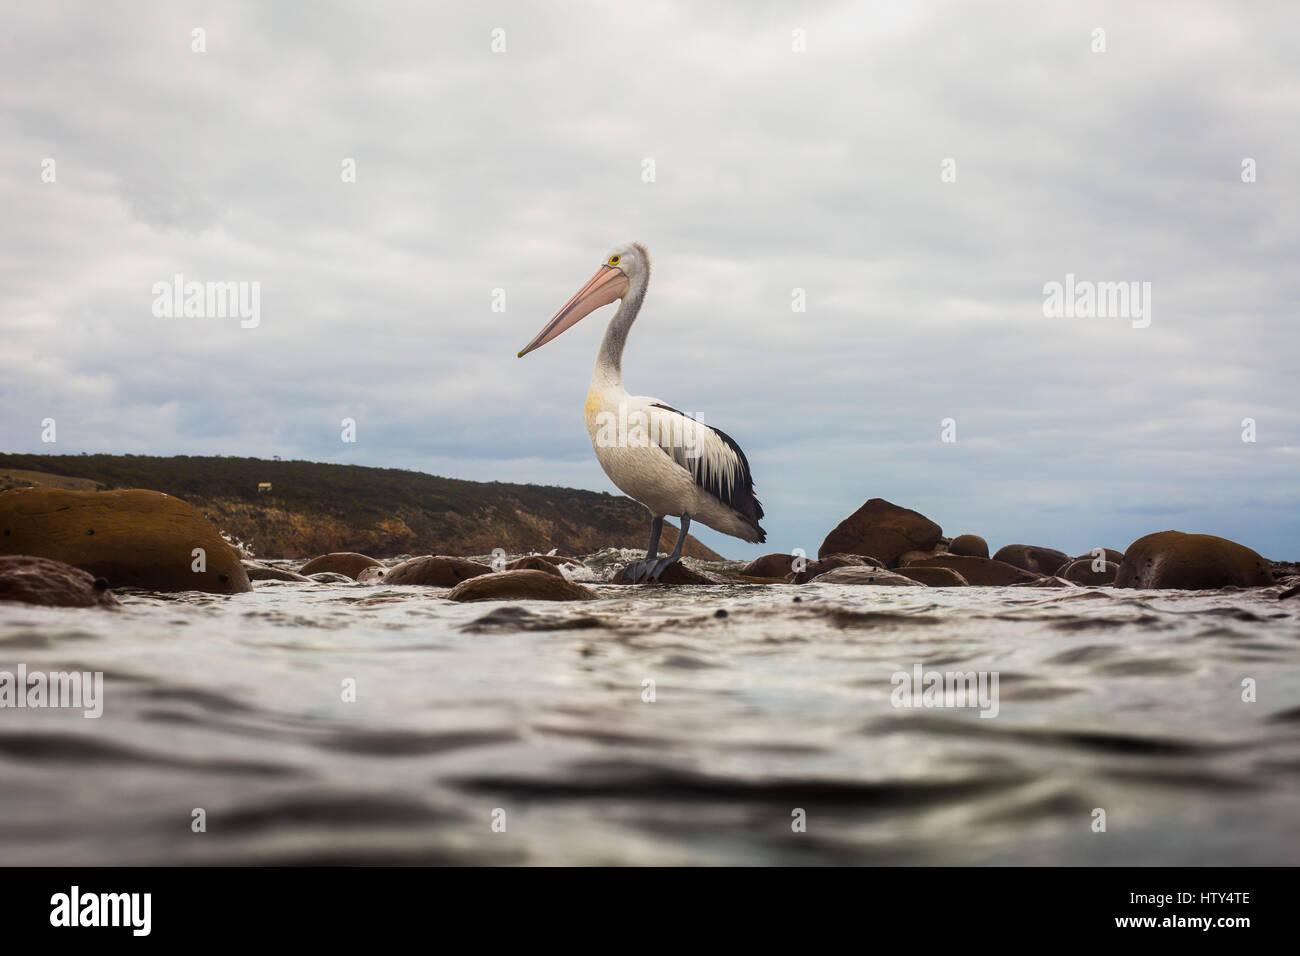 Pelican (Pelecanus conspicillatus) - Stock Image